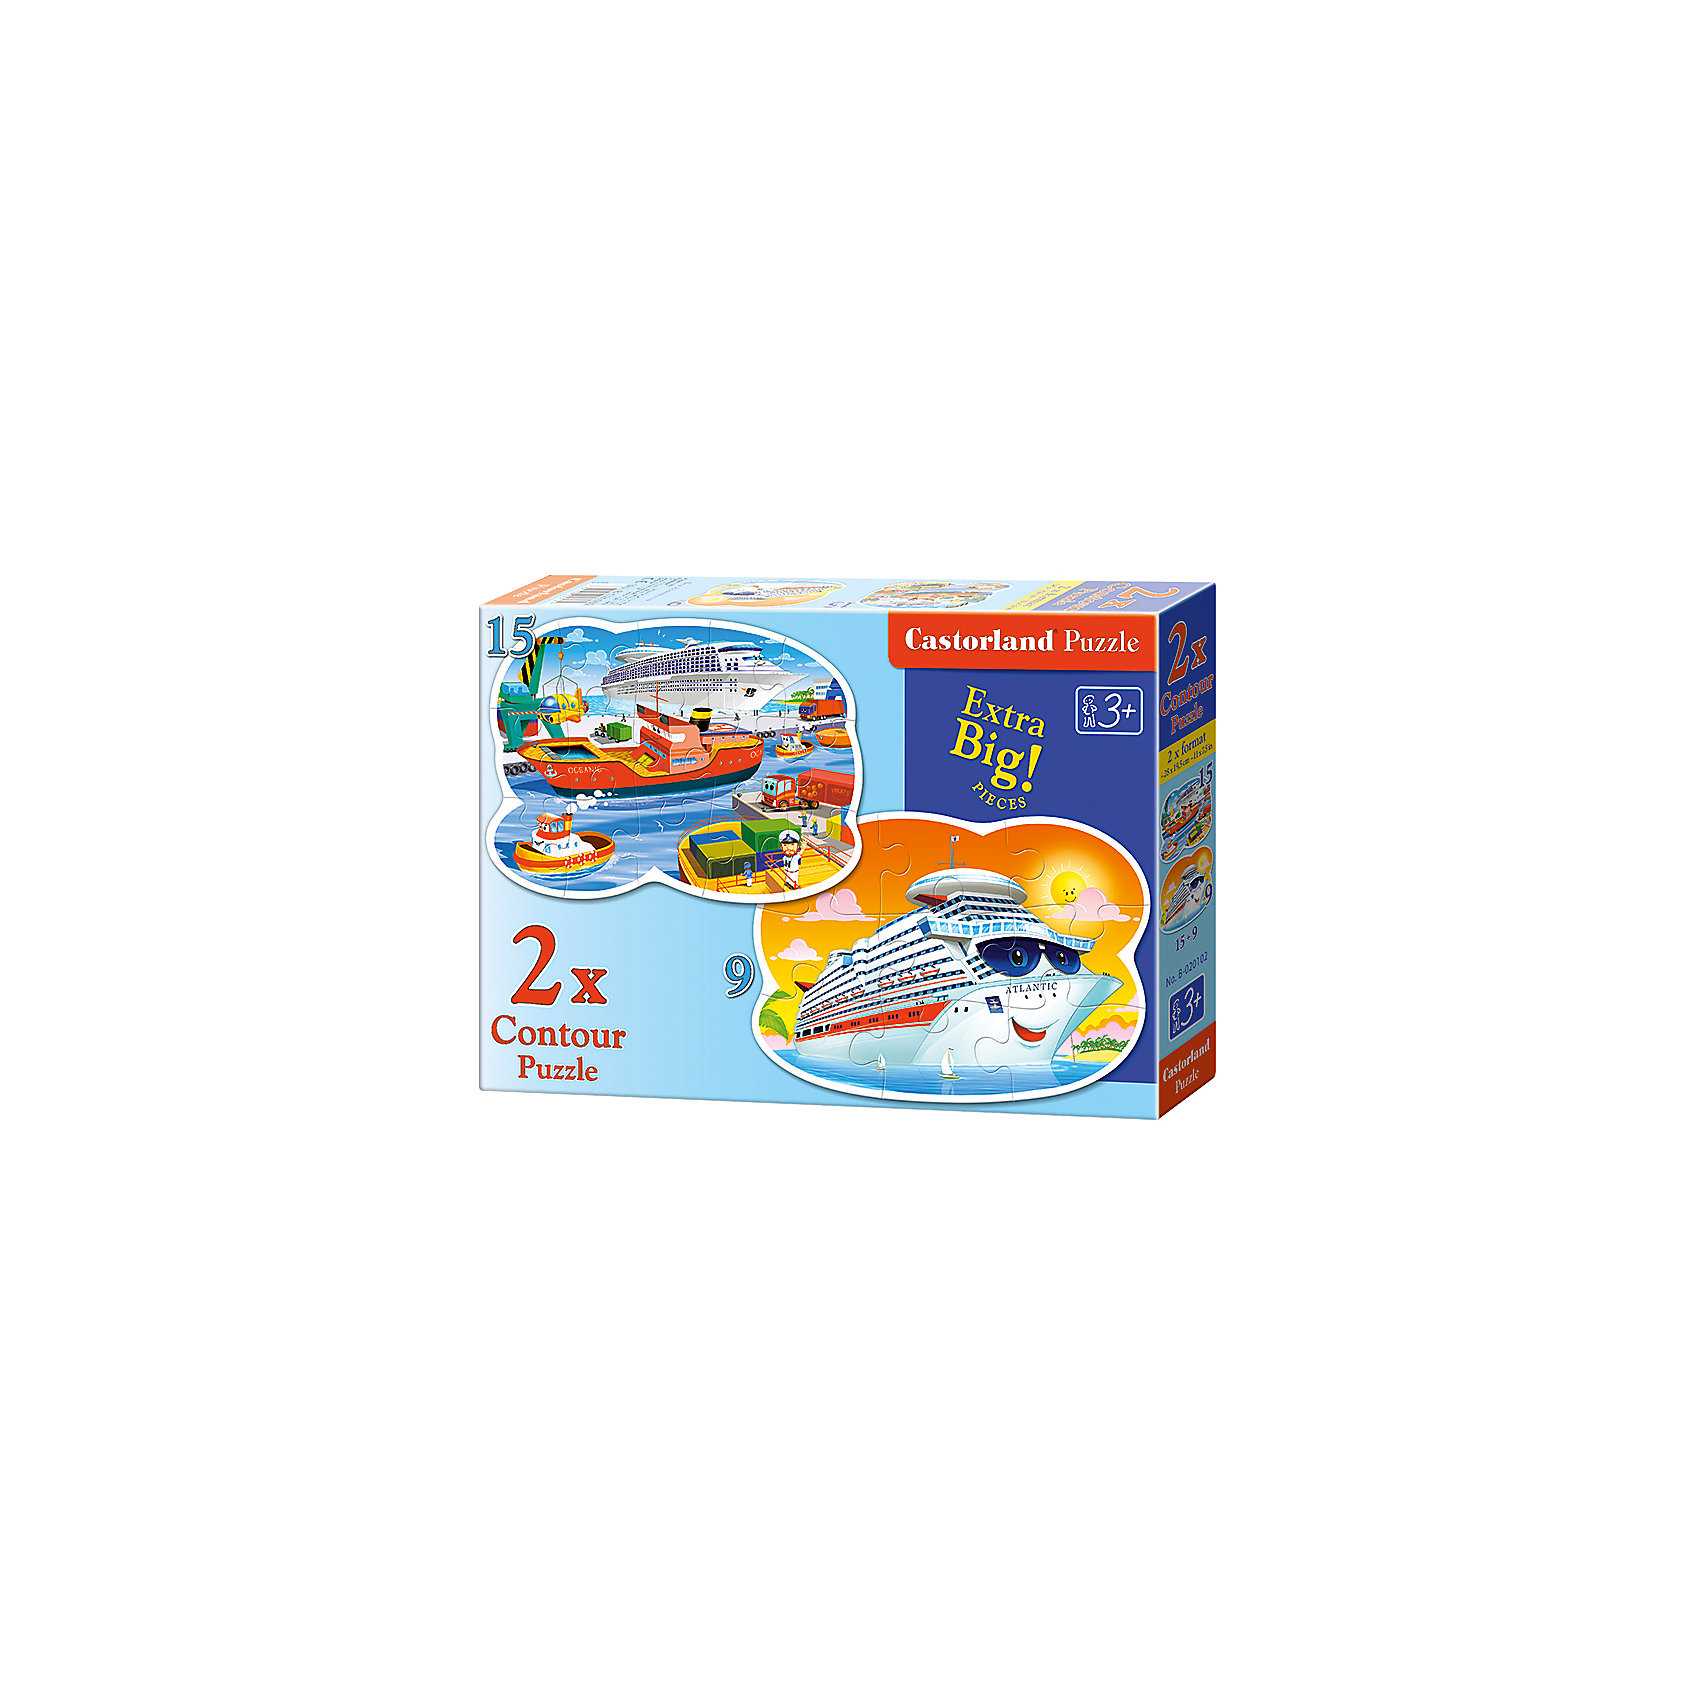 Пазл 2 в 1 Castorland Морские приключения, 9*15 деталейКлассические пазлы<br>Характеристики:<br><br>• возраст: от 3 лет<br>• в наборе: 2 пазла<br>• количество деталей: 9 и 15 шт.<br>• размер собранного пазла: 28х19,5 см.<br>• материал: картон<br>• упаковка: картонная коробка<br>• размер упаковки: 32x4,7x22 см.<br>• вес: 300 гр.<br>• страна обладатель бренда: Польша<br><br>Из элементов пазла ребенок соберет две красочные картинки, на одной изображен улыбающийся морской лайнер, а на другой порт с кораблями. Благодаря фигурной форме картинок, процесс сбора элементов в одно изображение будет увлекательным и интересным.<br><br>Пазлы 2 в 1 Морские приключения, 9*15 деталей, Castorland (Касторленд) можно купить в нашем интернет-магазине.<br><br>Ширина мм: 320<br>Глубина мм: 220<br>Высота мм: 47<br>Вес г: 300<br>Возраст от месяцев: 36<br>Возраст до месяцев: 2147483647<br>Пол: Мужской<br>Возраст: Детский<br>SKU: 6725121